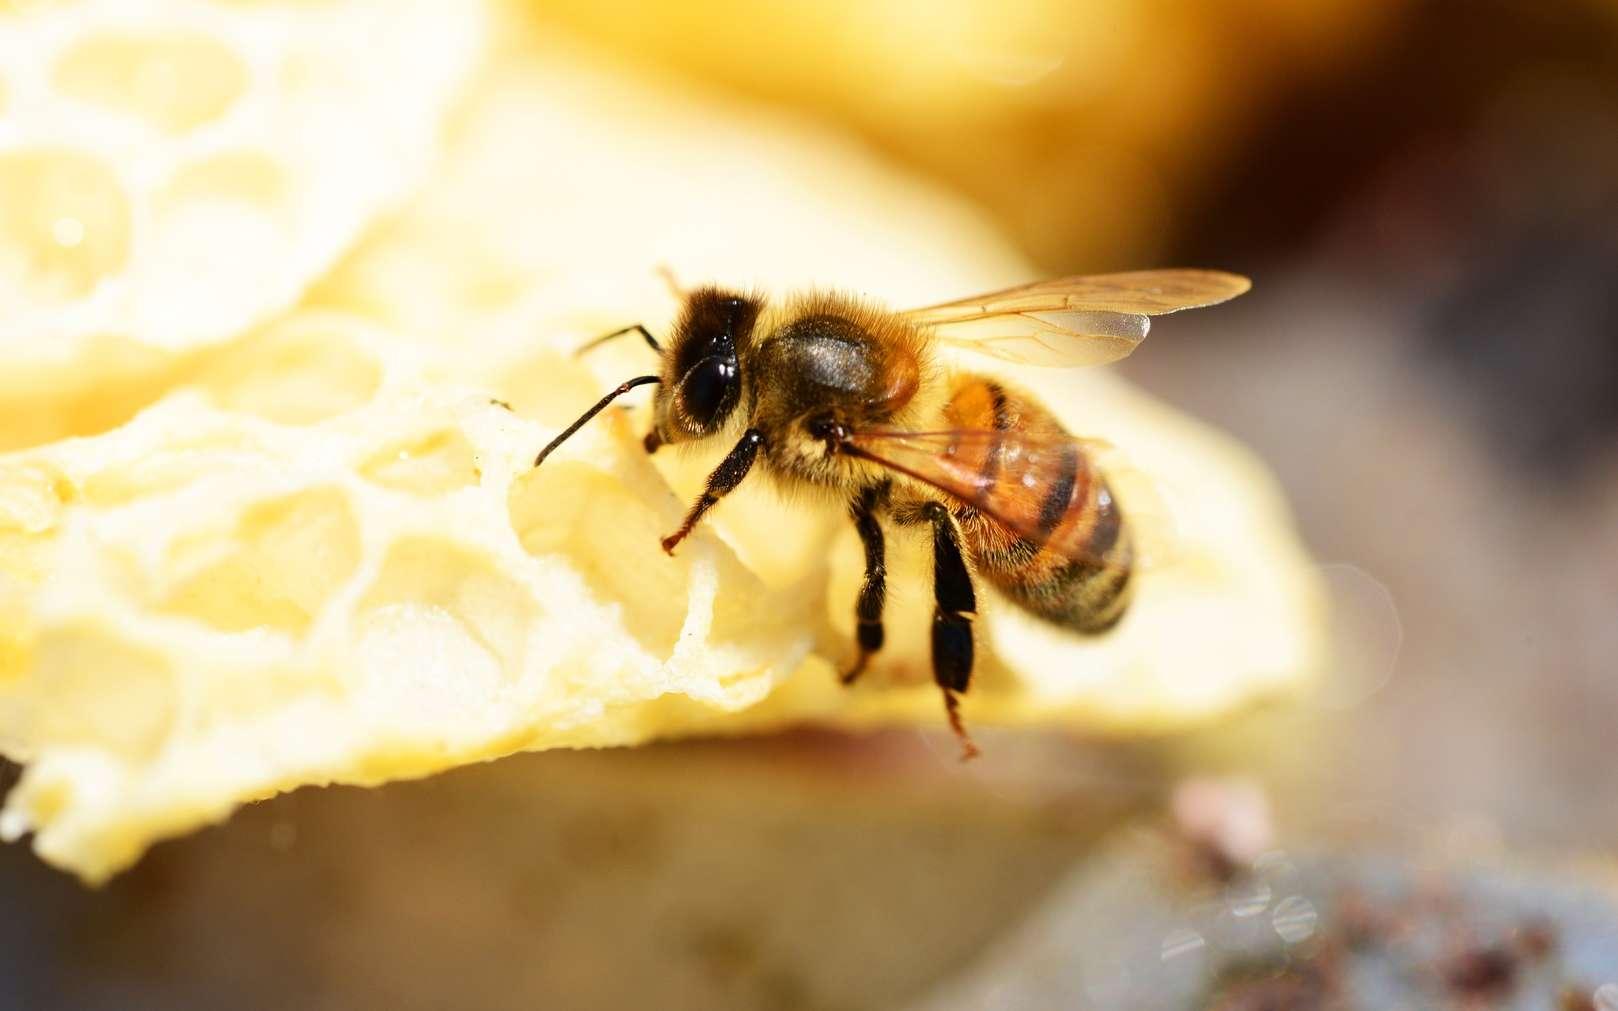 Des chercheurs ont appris à faire des calculs aux abeilles. © PxHere